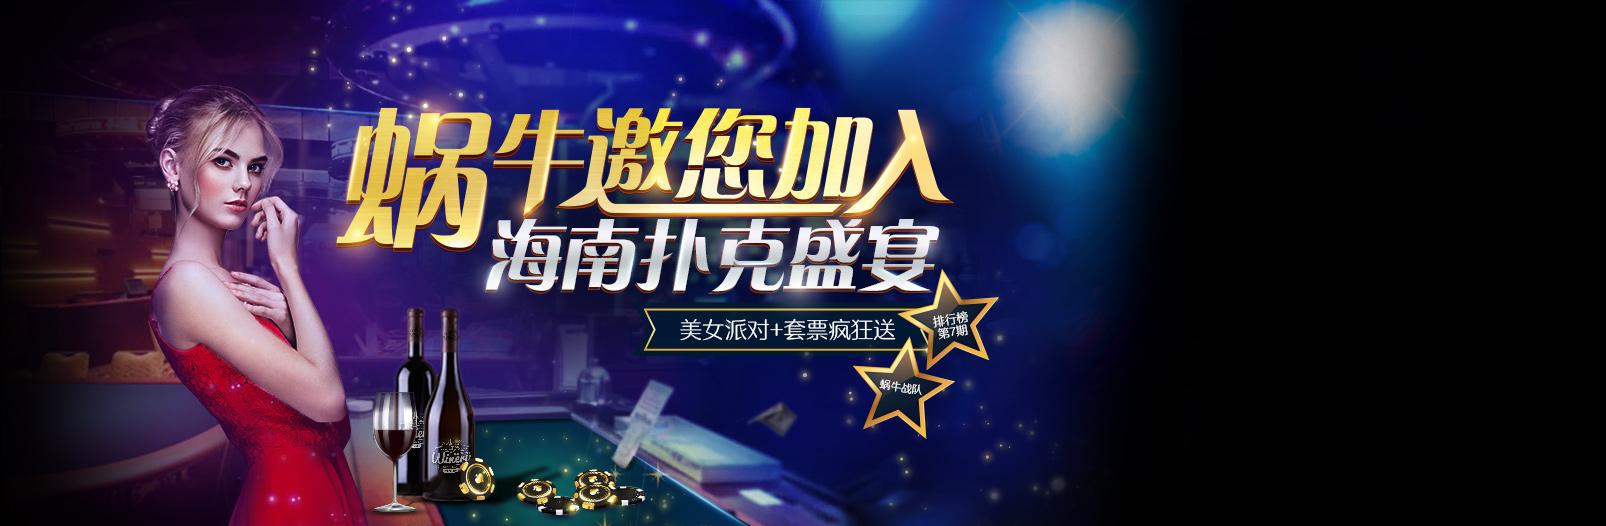 恭喜蜗牛扑克中国玩家喜中头奖上万美金!转发内容送CPG门票~